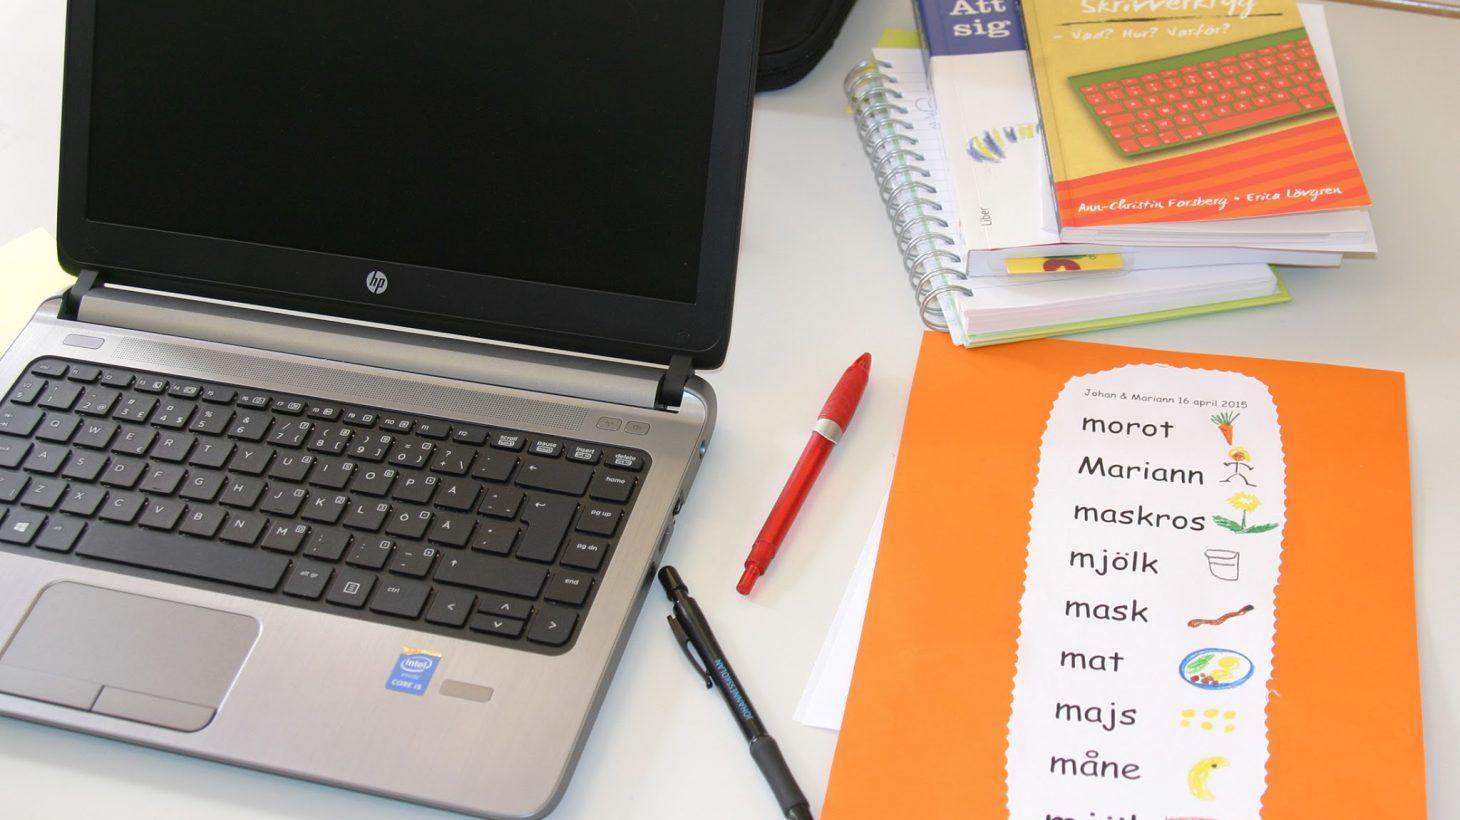 Ordlista ligger bredvid laptop.